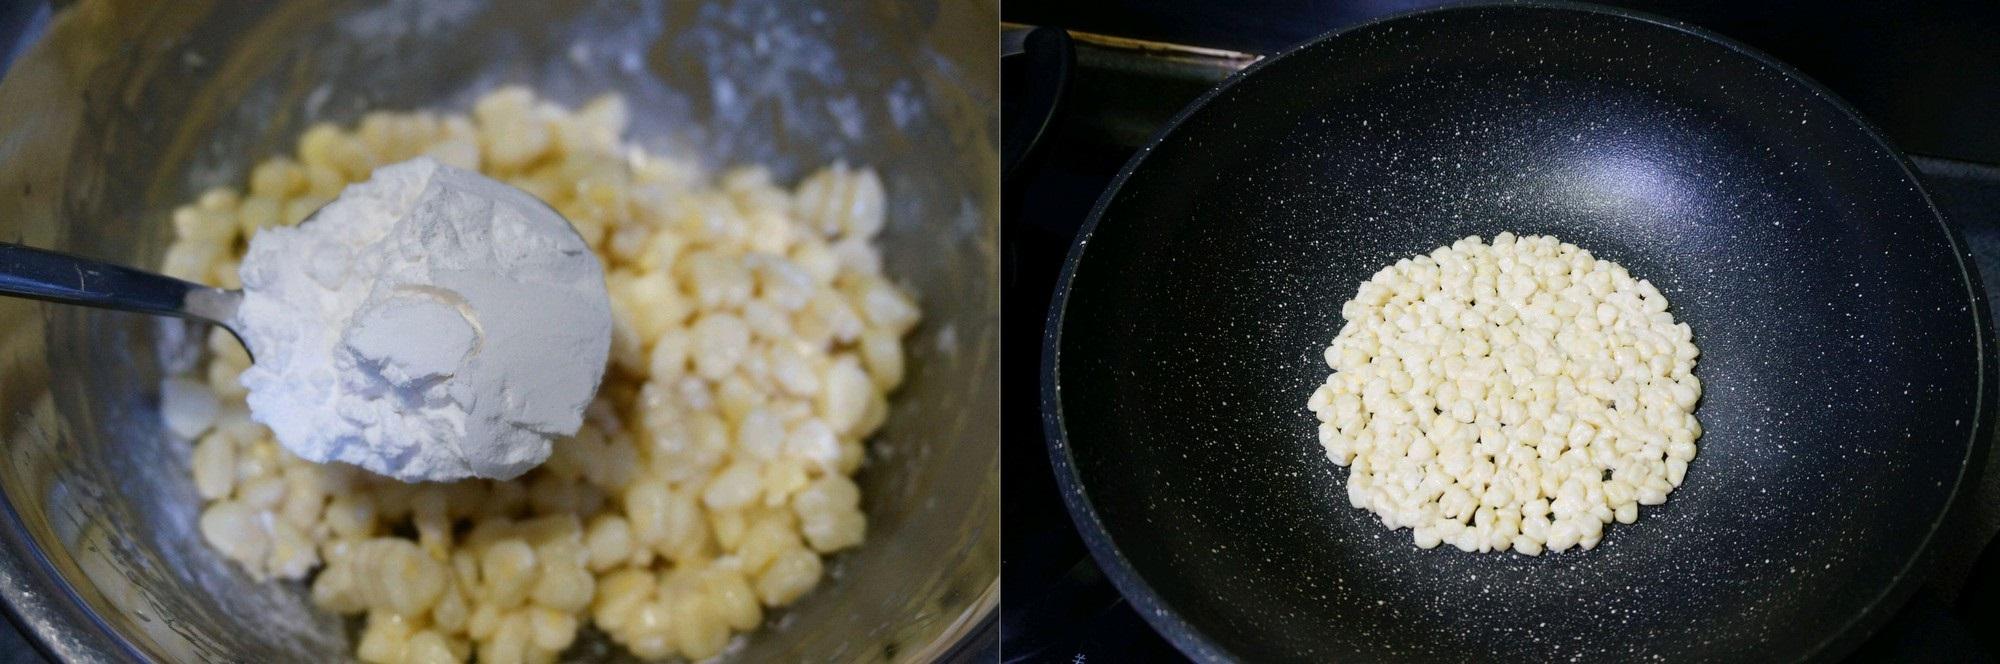 Bánh ngô chiên ăn sẽ ngon hơn trăm lần chỉ cần bạn thêm một chút nguyên liệu siêu quen thuộc này! - Ảnh 2